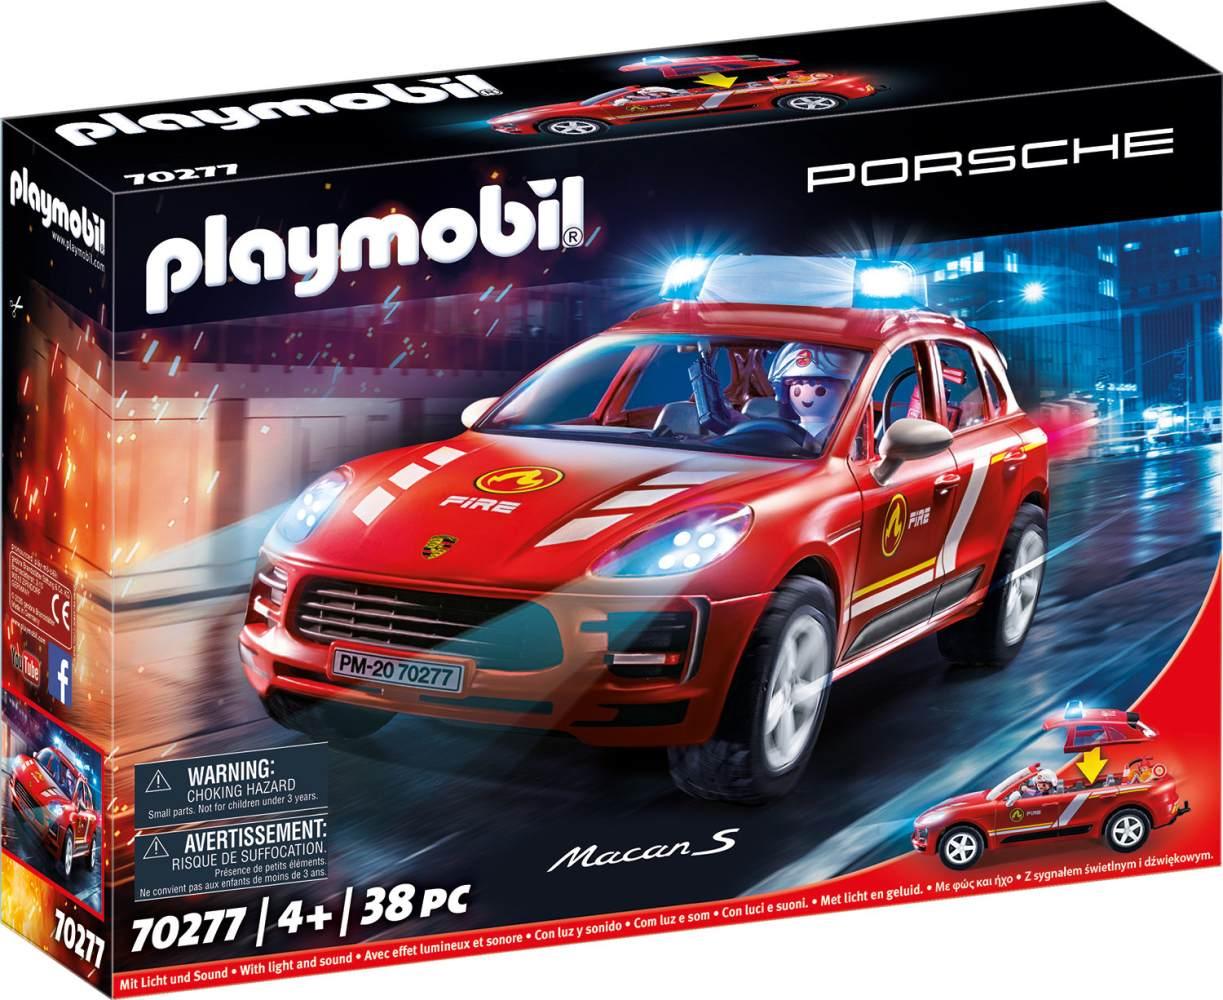 Playmobil Porsche 70277 Porsche Macan S Feuerwehr mit Licht- und Soundeffekten, Ab 4 Jahren Bild 1